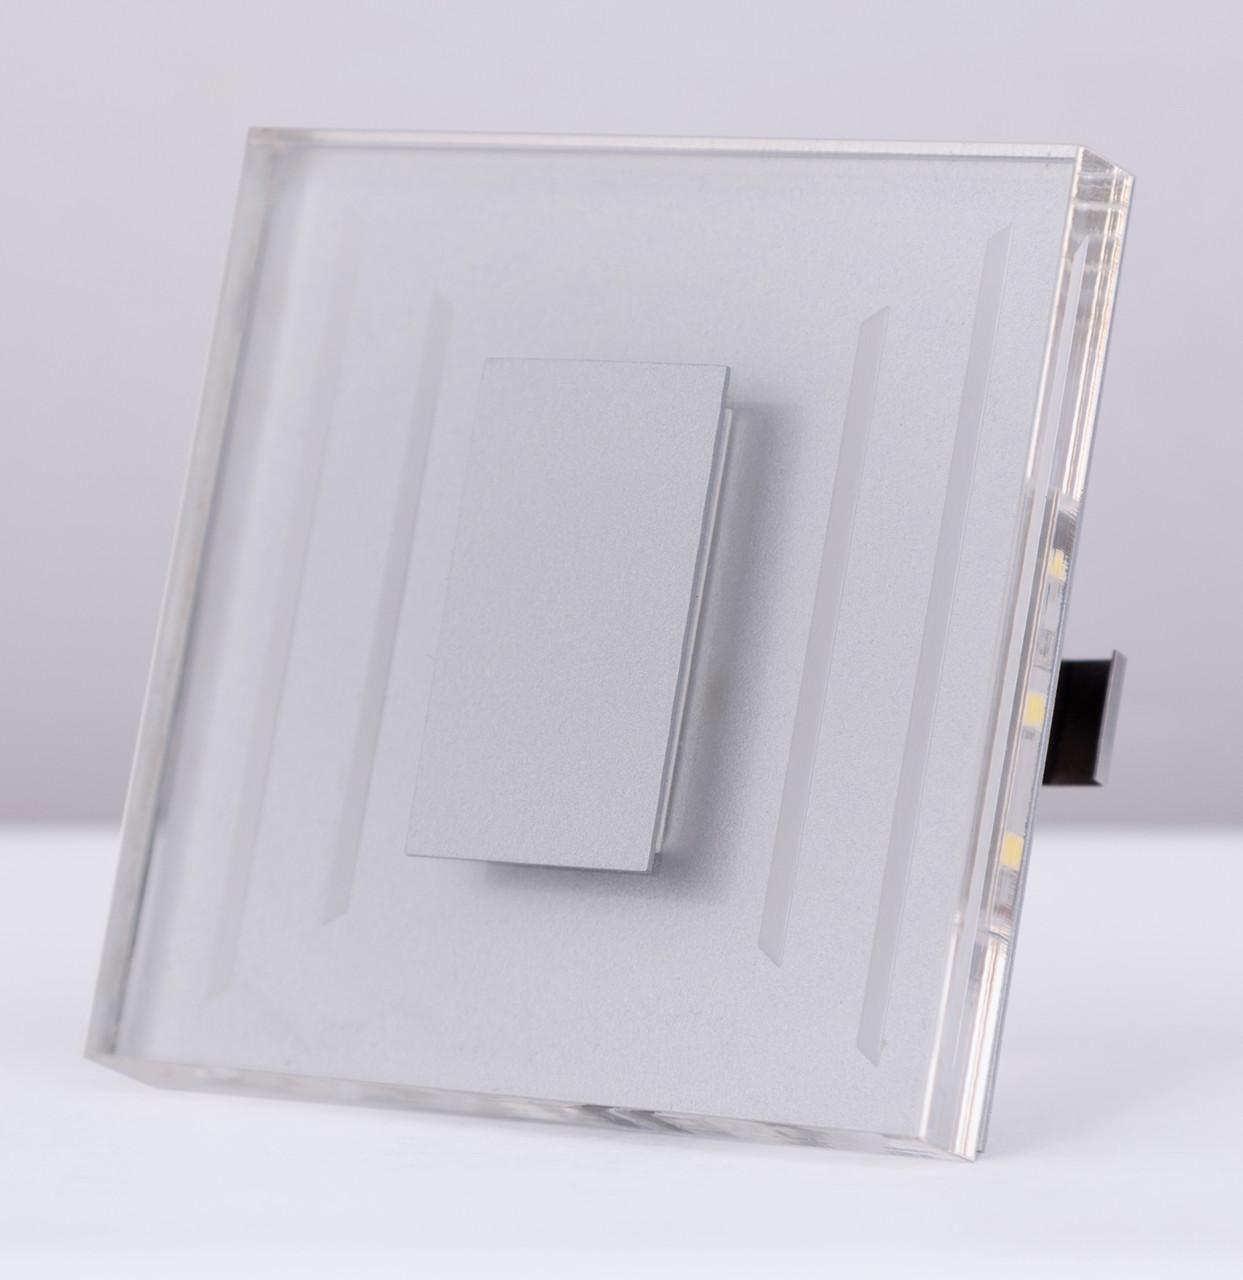 Подсветка LED декоративная CRISTAL 03, алюминий, холодный белый